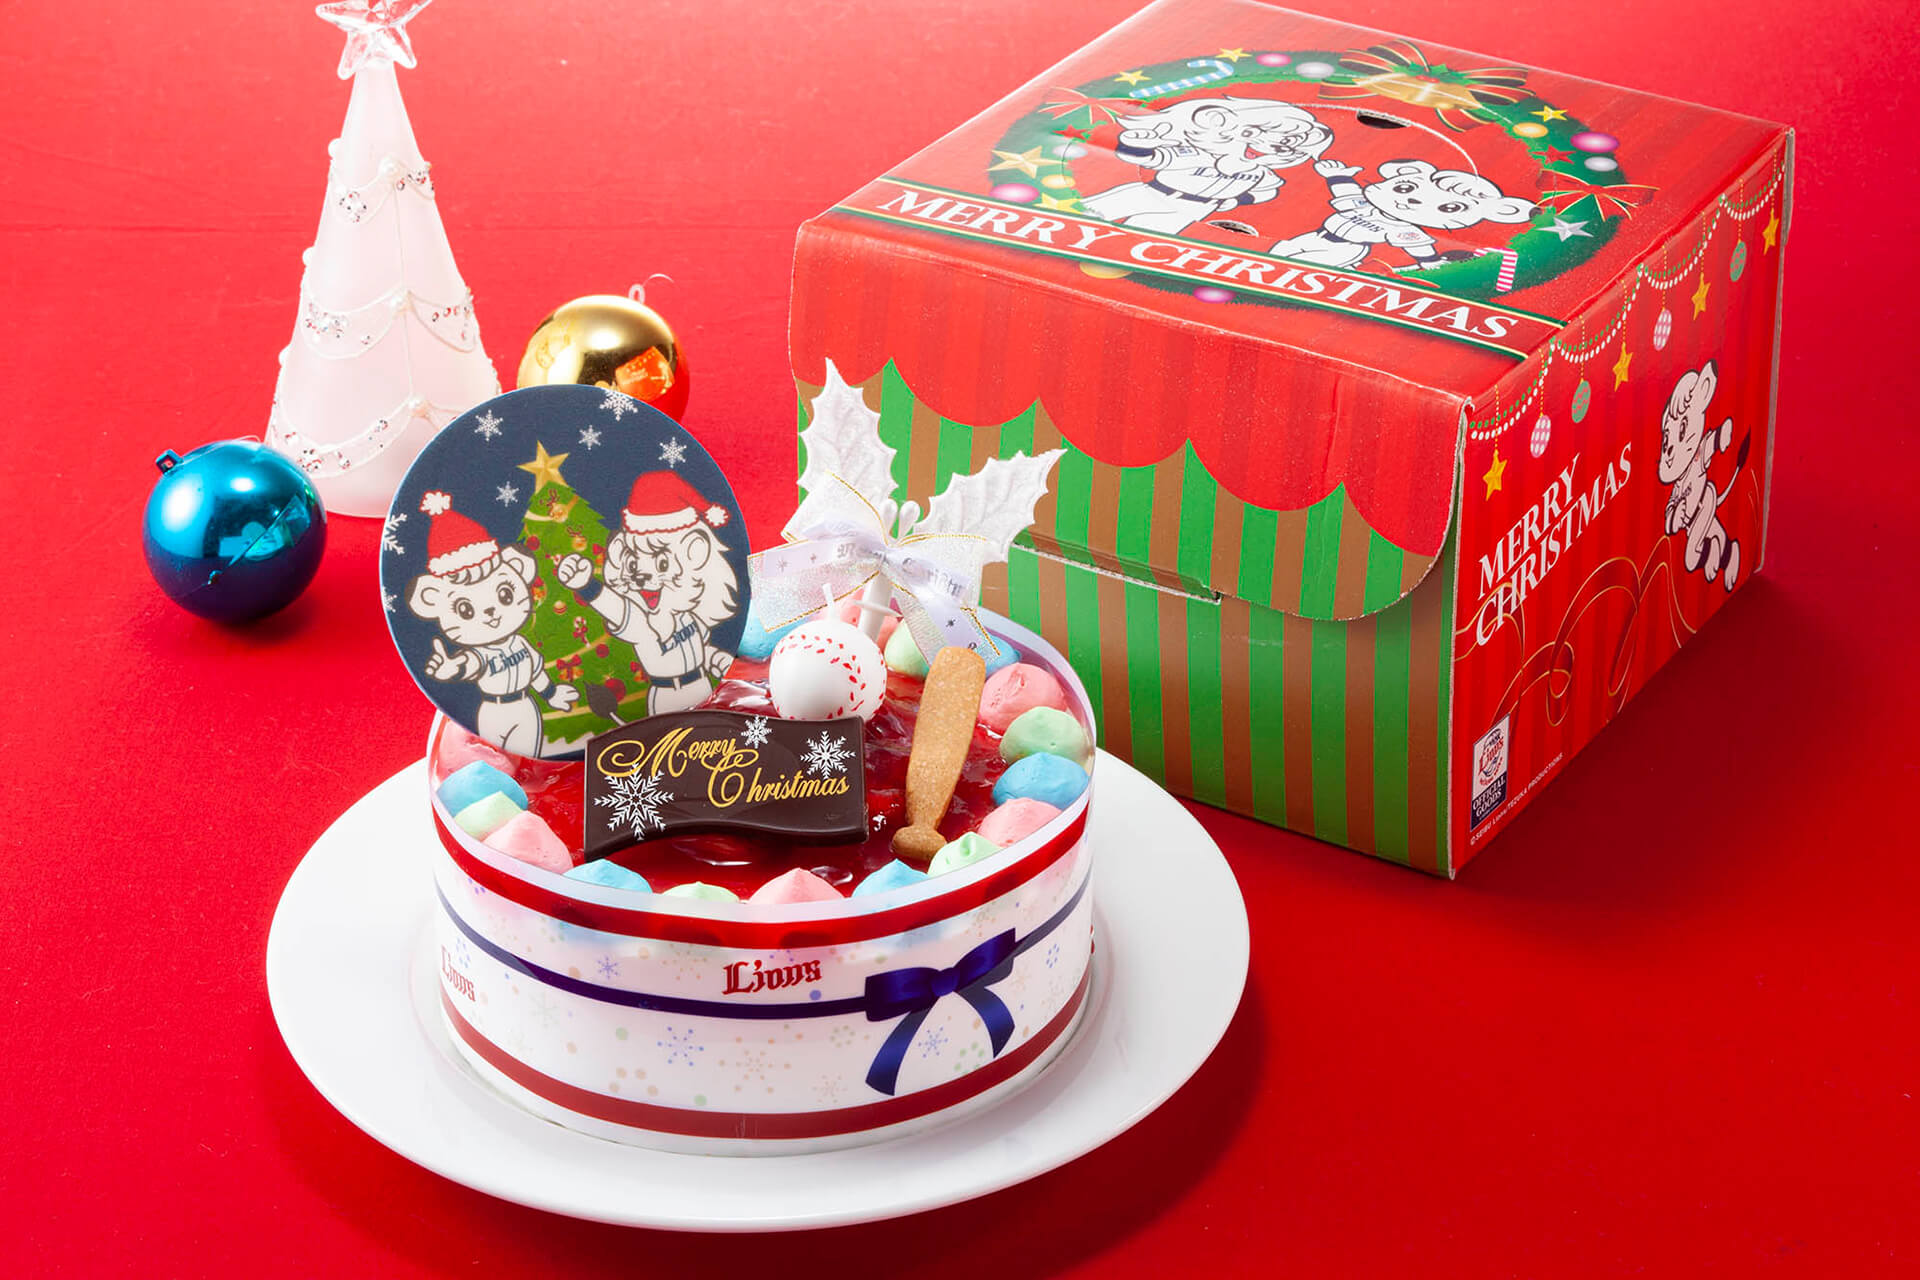 「ライオンズオリジナルクリスマスケーキ」「ライオンズクリスマスグッズ」受注販売開始